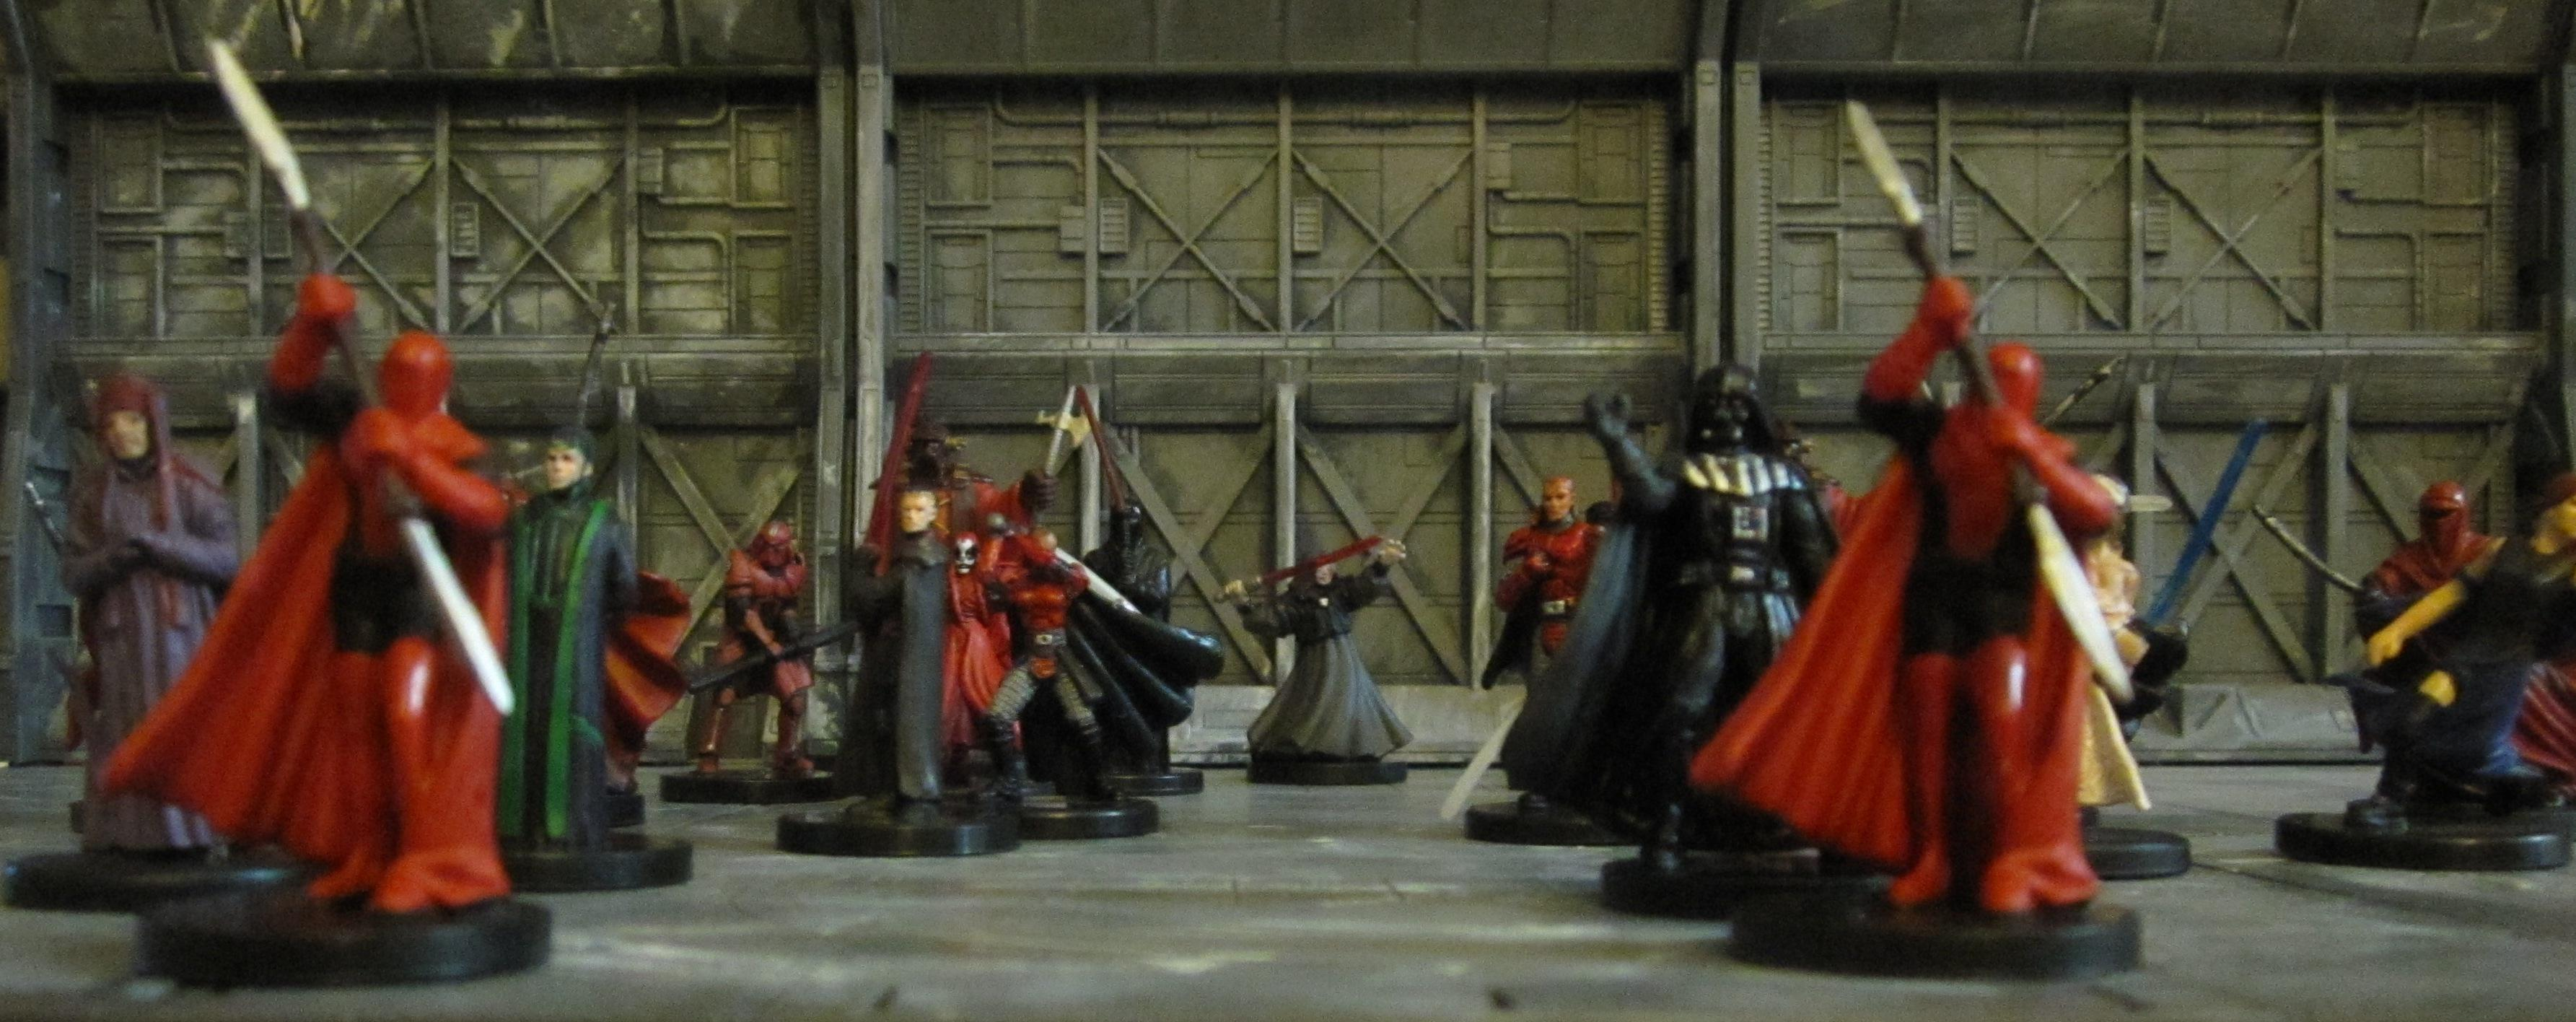 Emperor, Star Wars